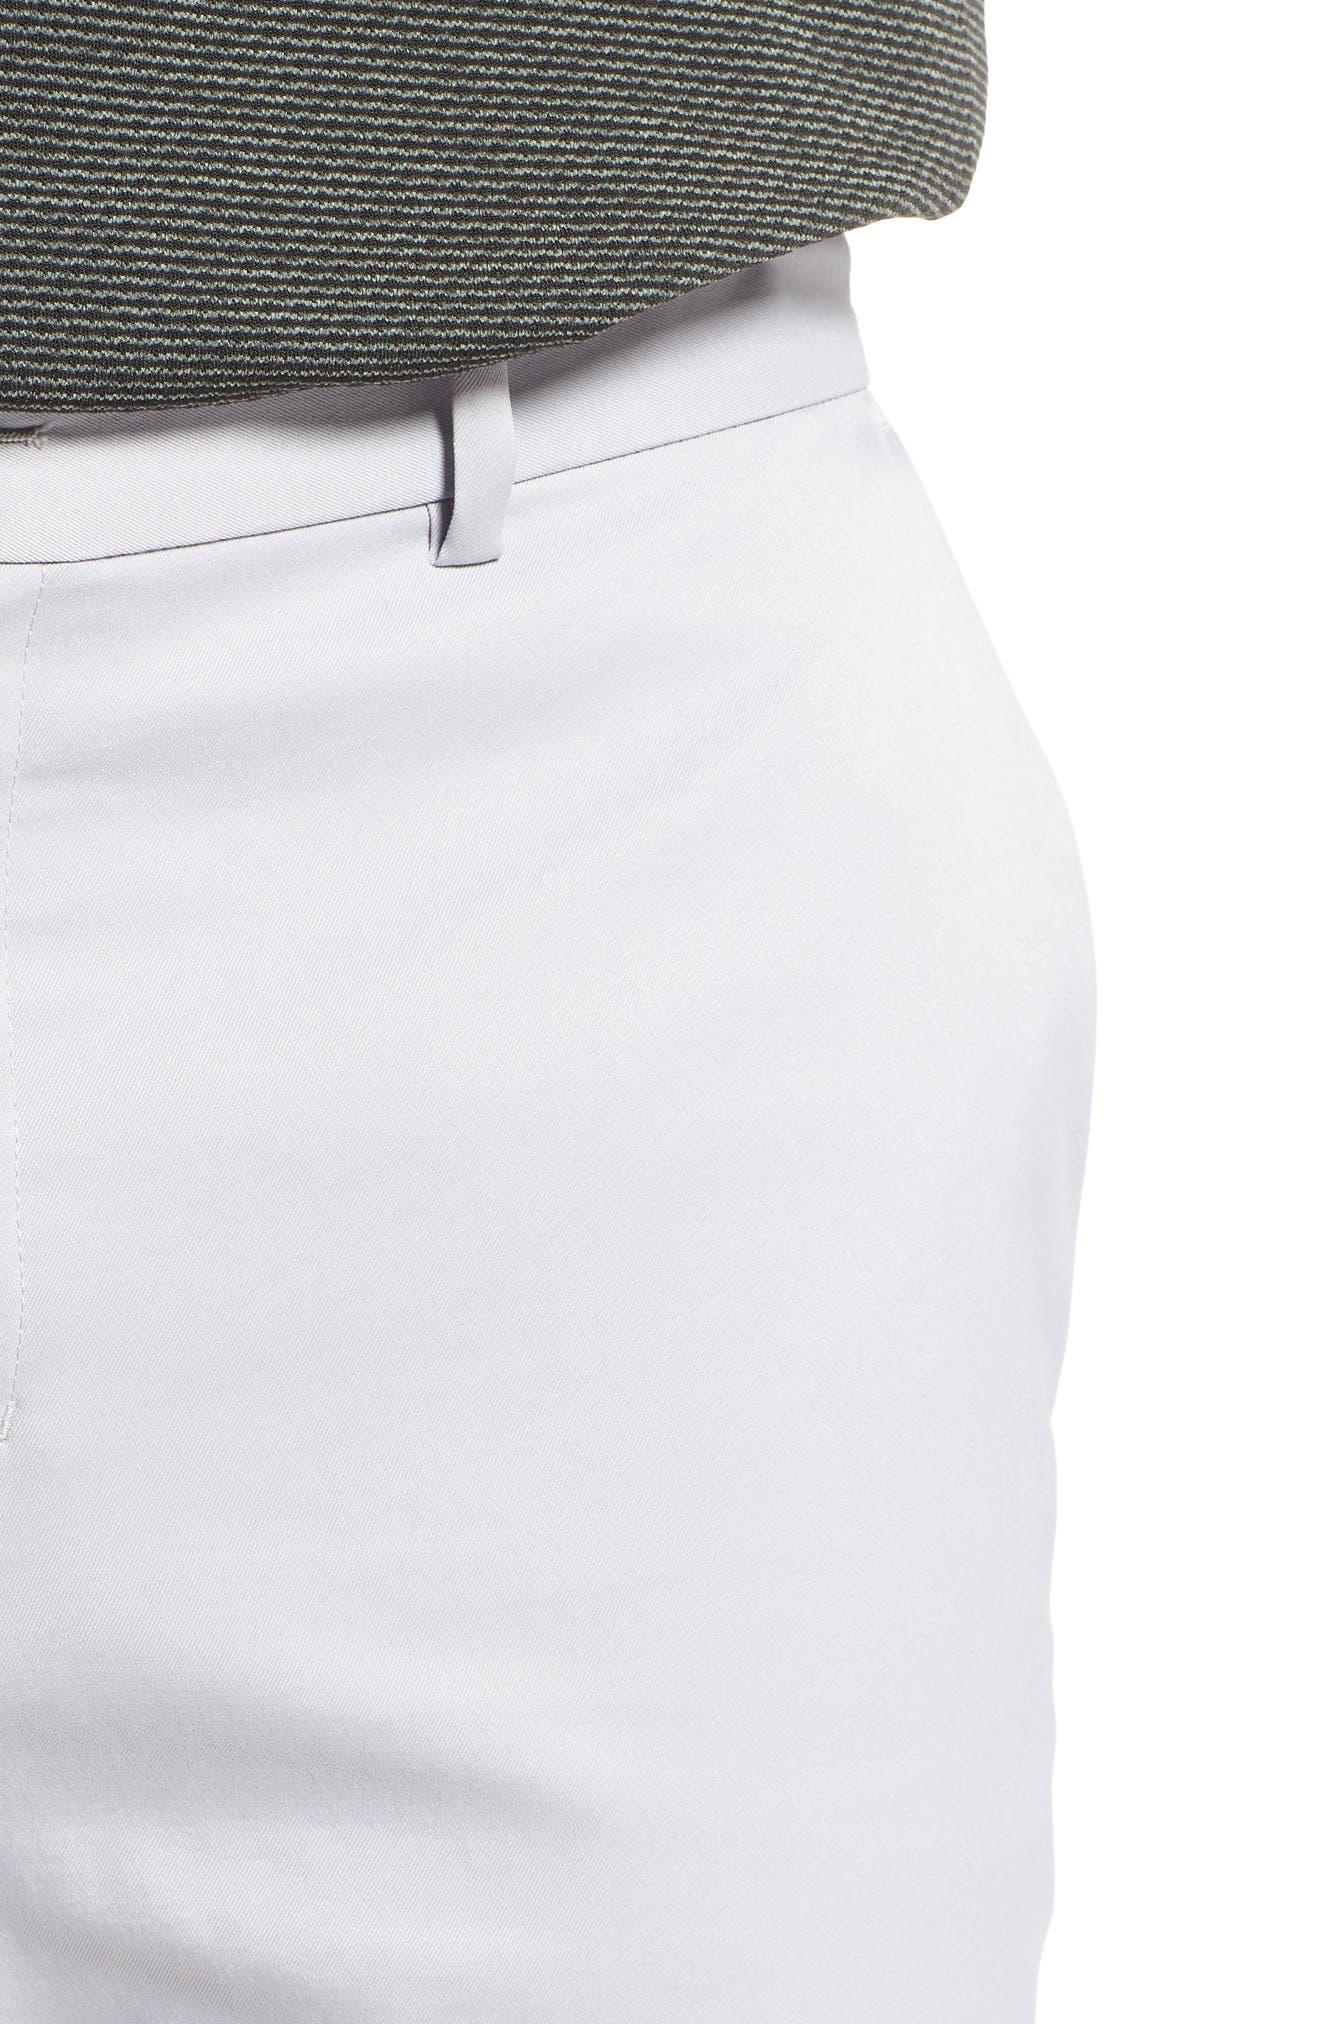 Flat Front Dri-FIT Tech Golf Pants,                             Alternate thumbnail 27, color,